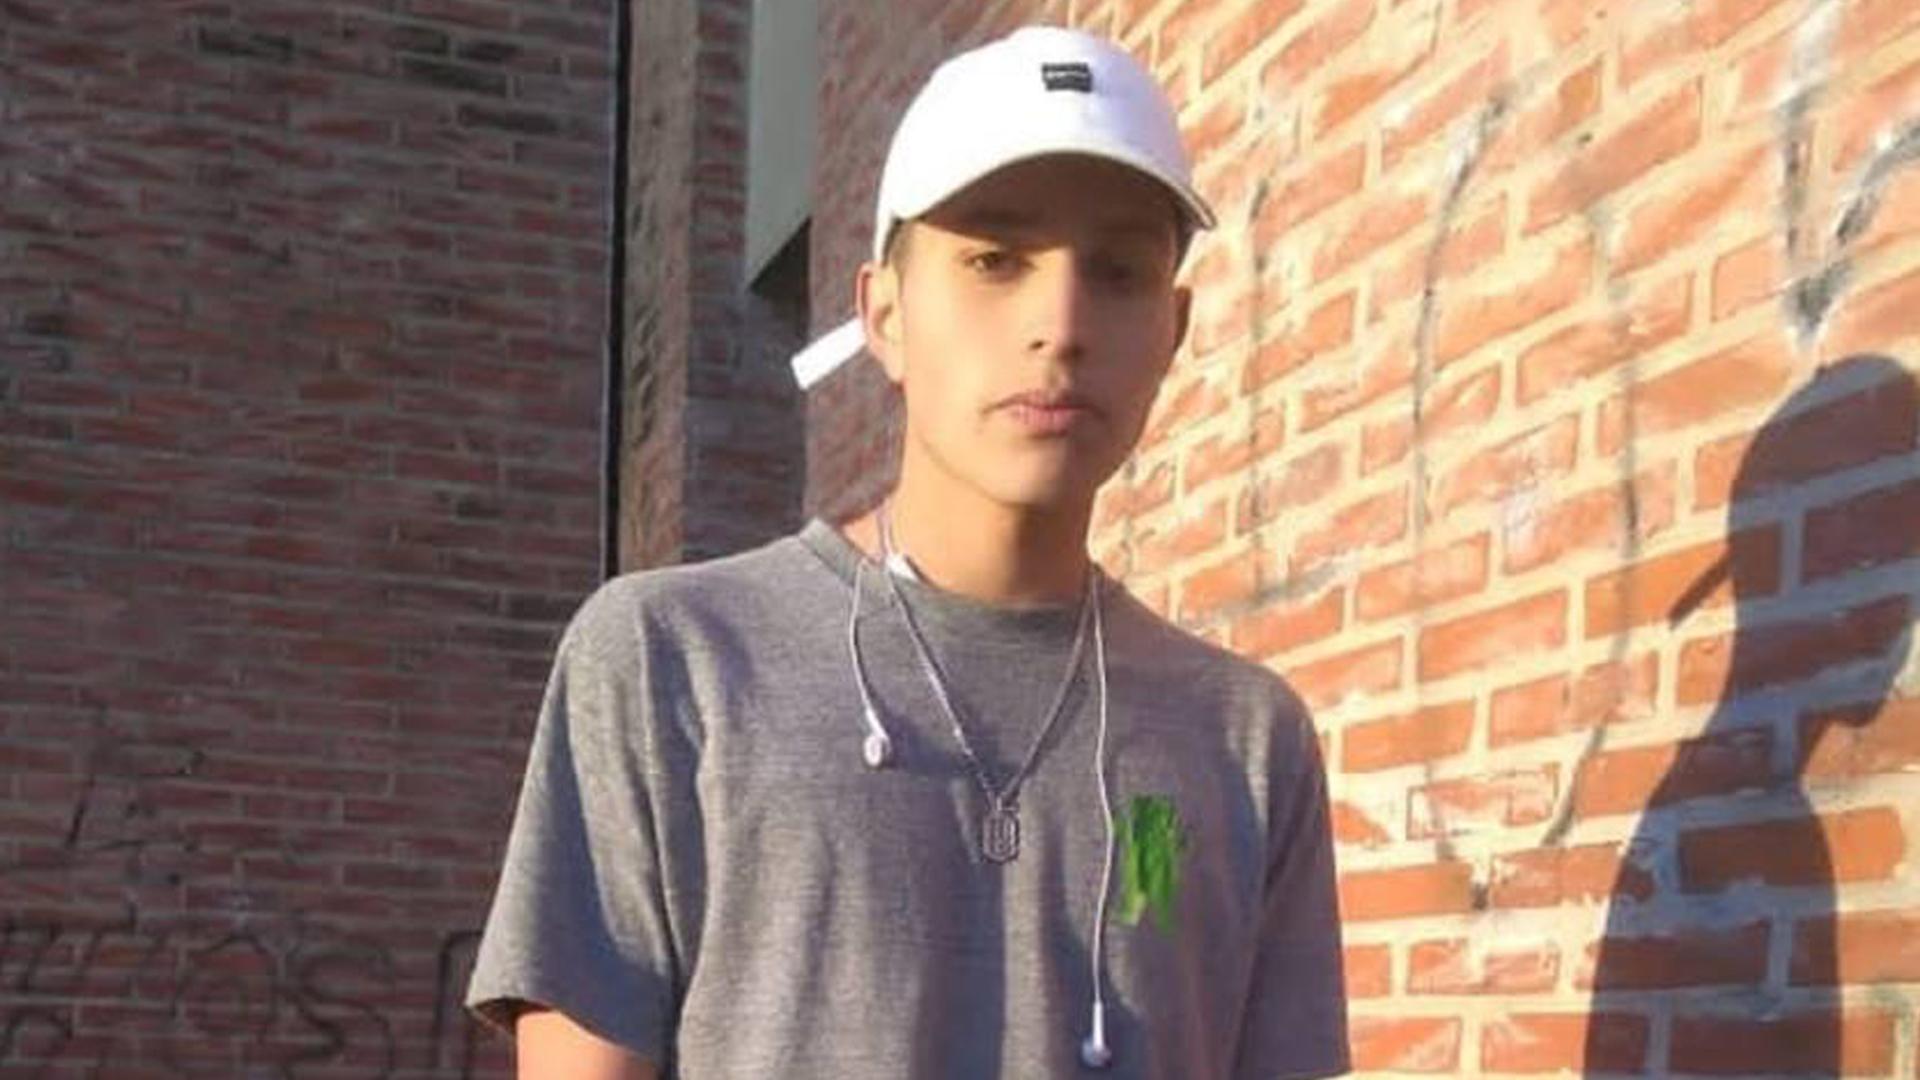 Ezequiel Lamas tenía 17 años y estabapor empezar su último año de colegio